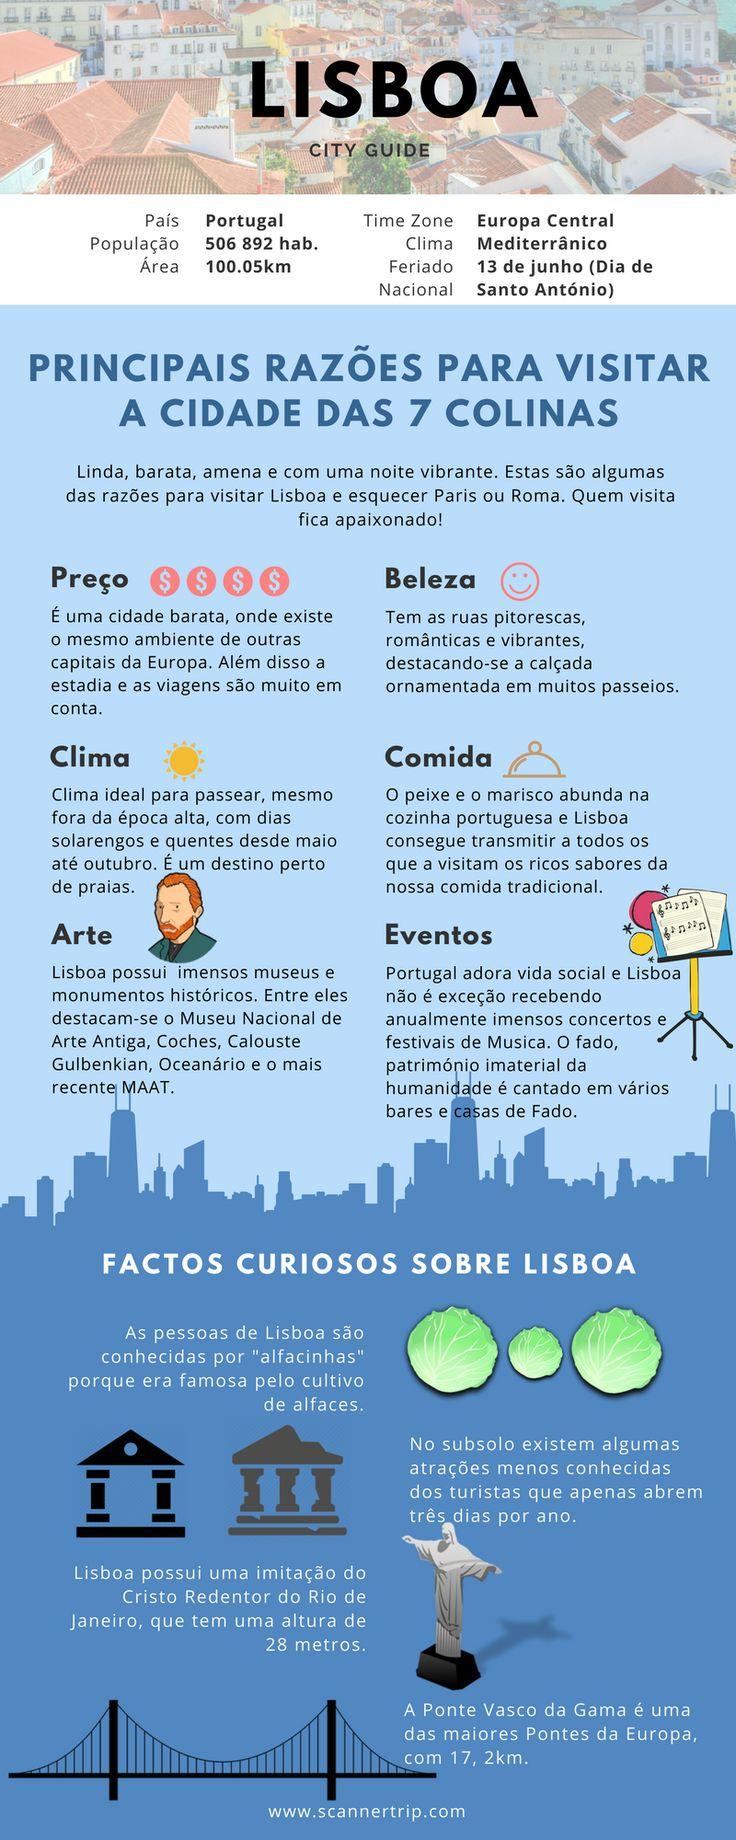 Lisboa: A capital dos sentidos e dos espiões, do cinema e da boémia, do fado, dos fantasmas e da gastronomia.